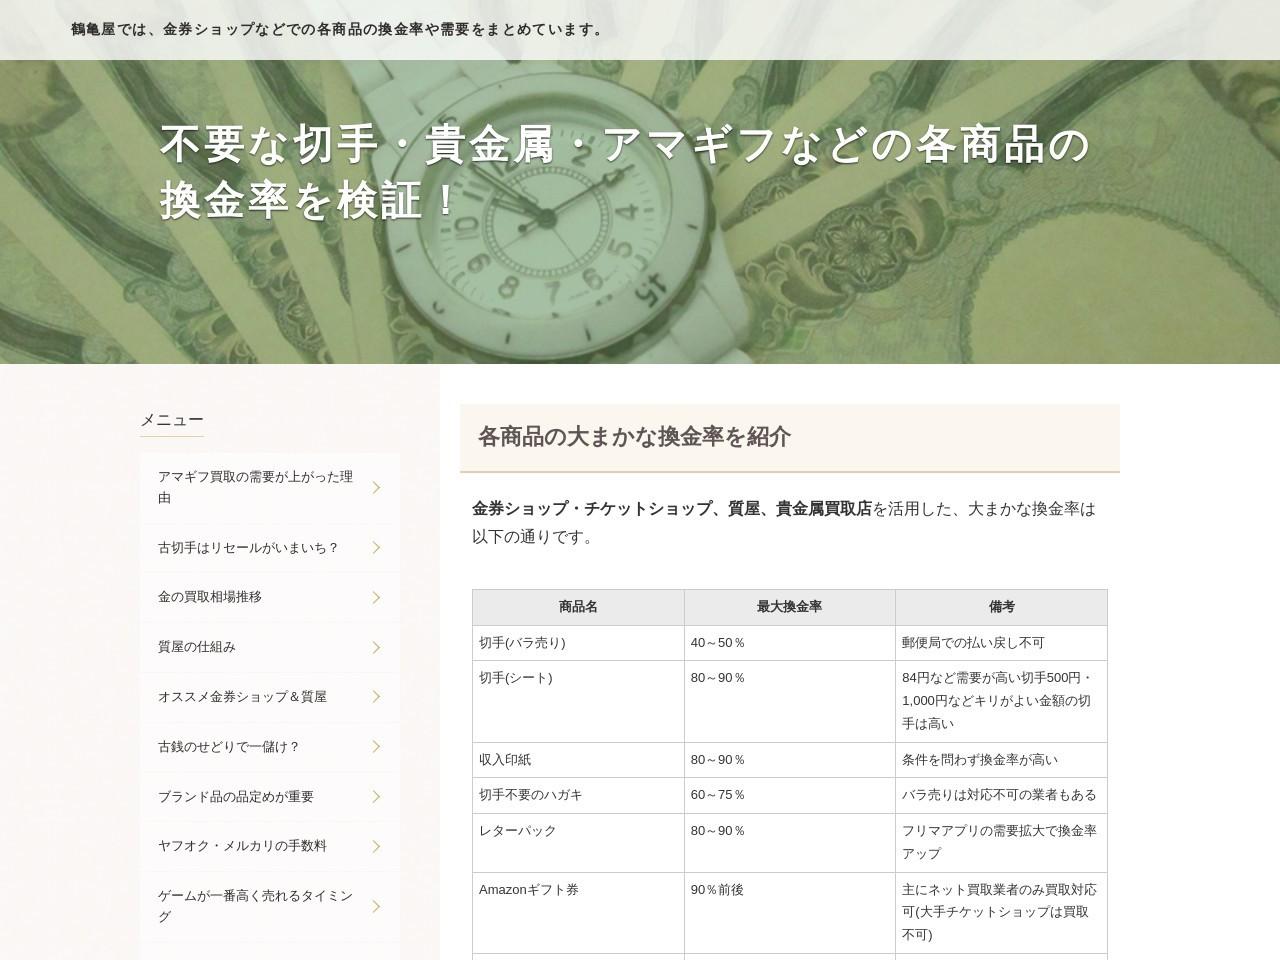 仙台 買取専門店 「鶴亀屋」(つるかめや) ~宮城県最強で最高 安心と信頼の即日現金払い